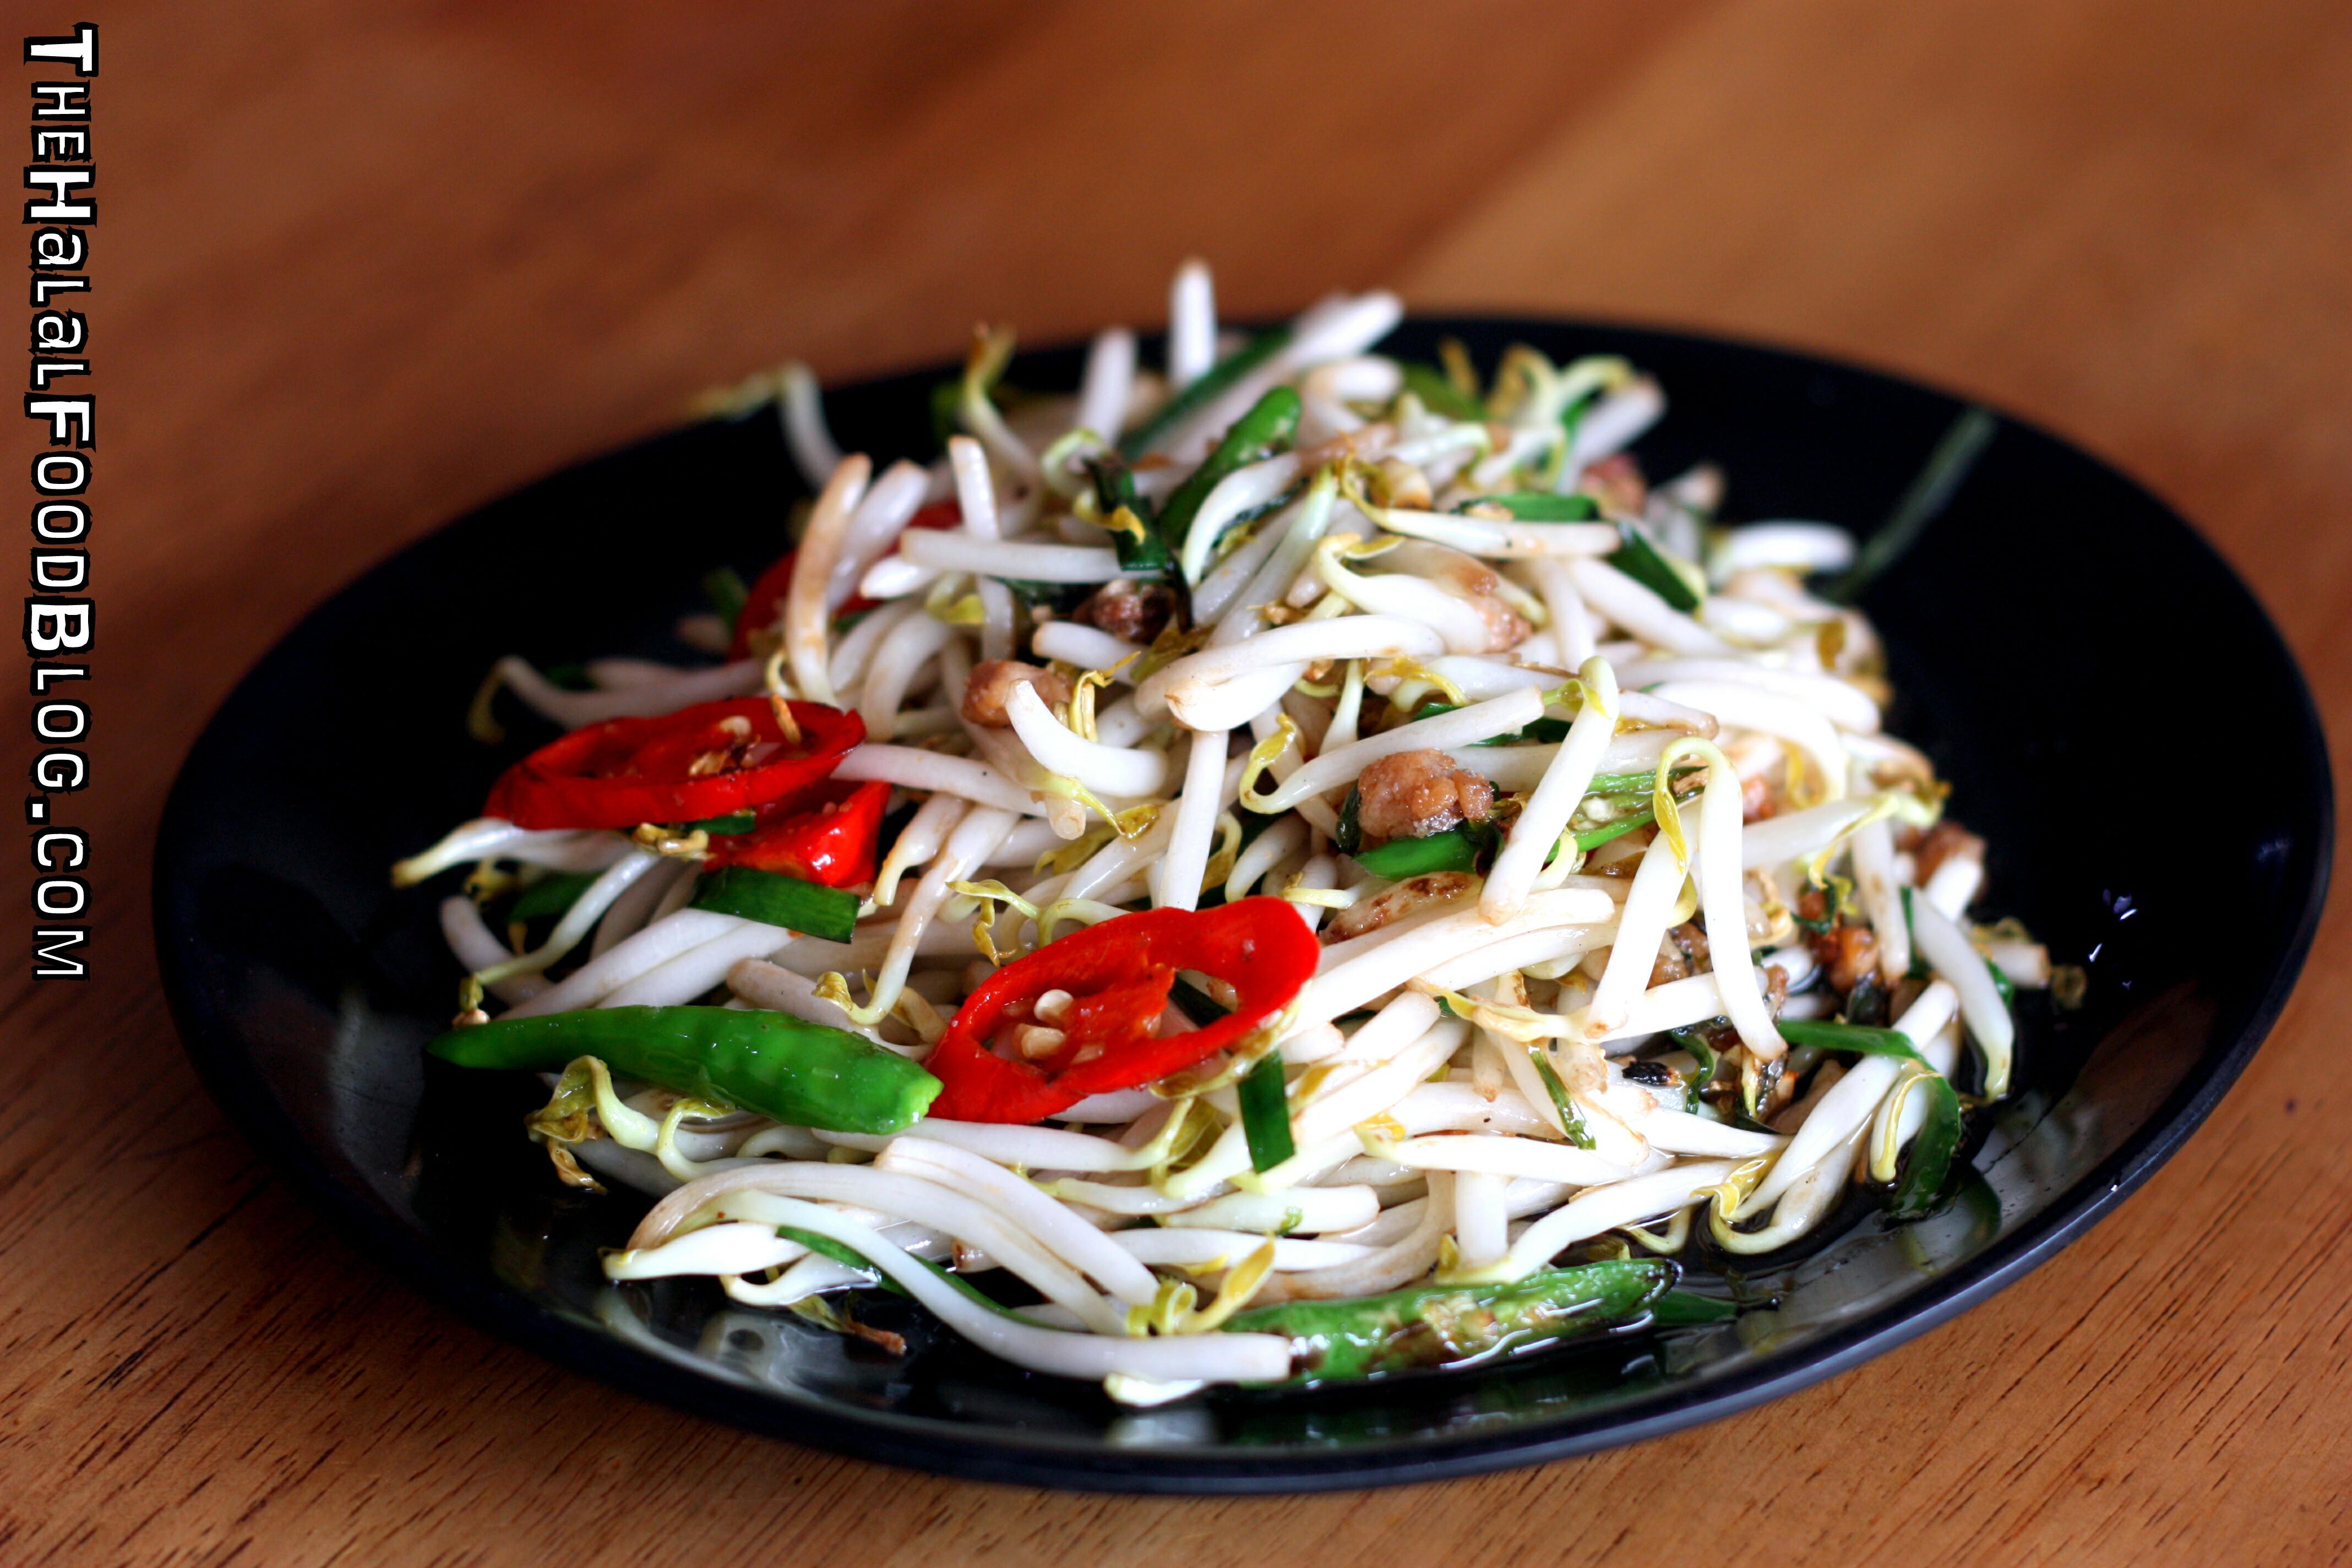 Anisofea Asam Pedas Johor Asli - The Halal Food Blog